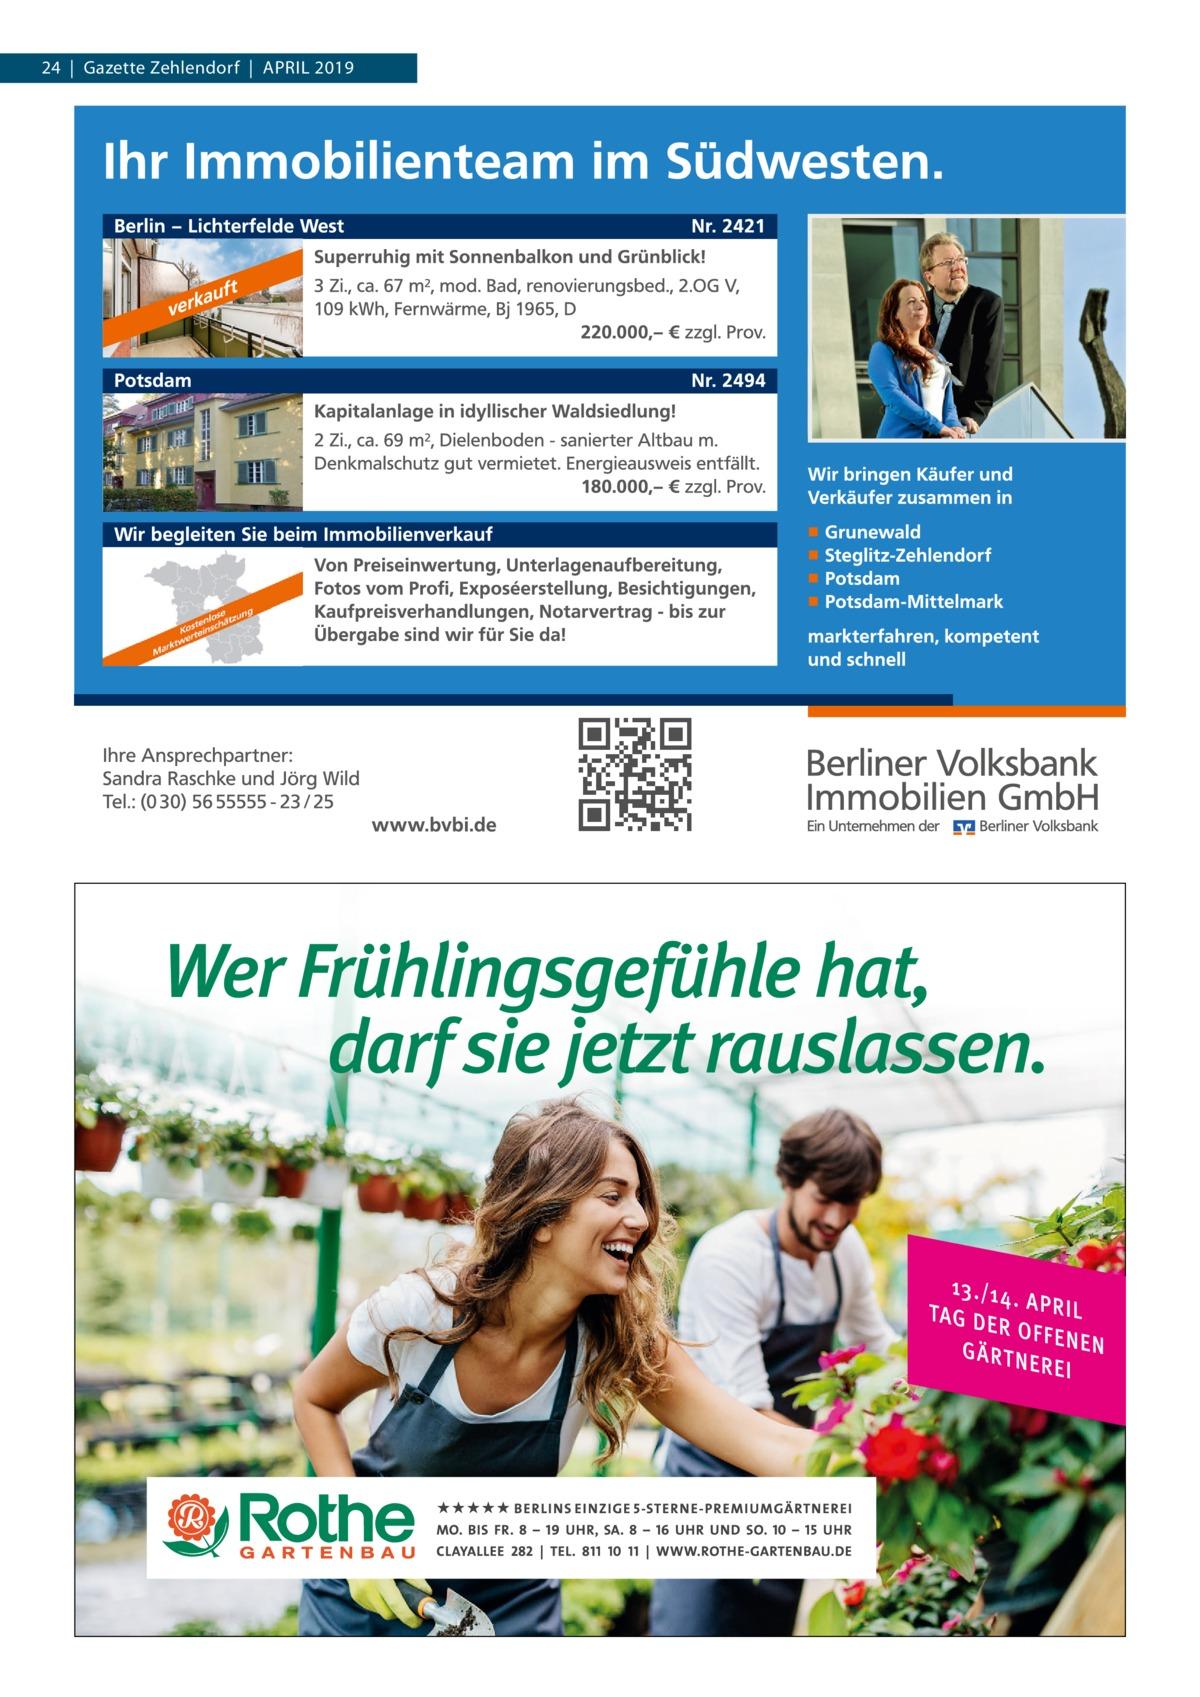 24|Gazette Zehlendorf|April 2019